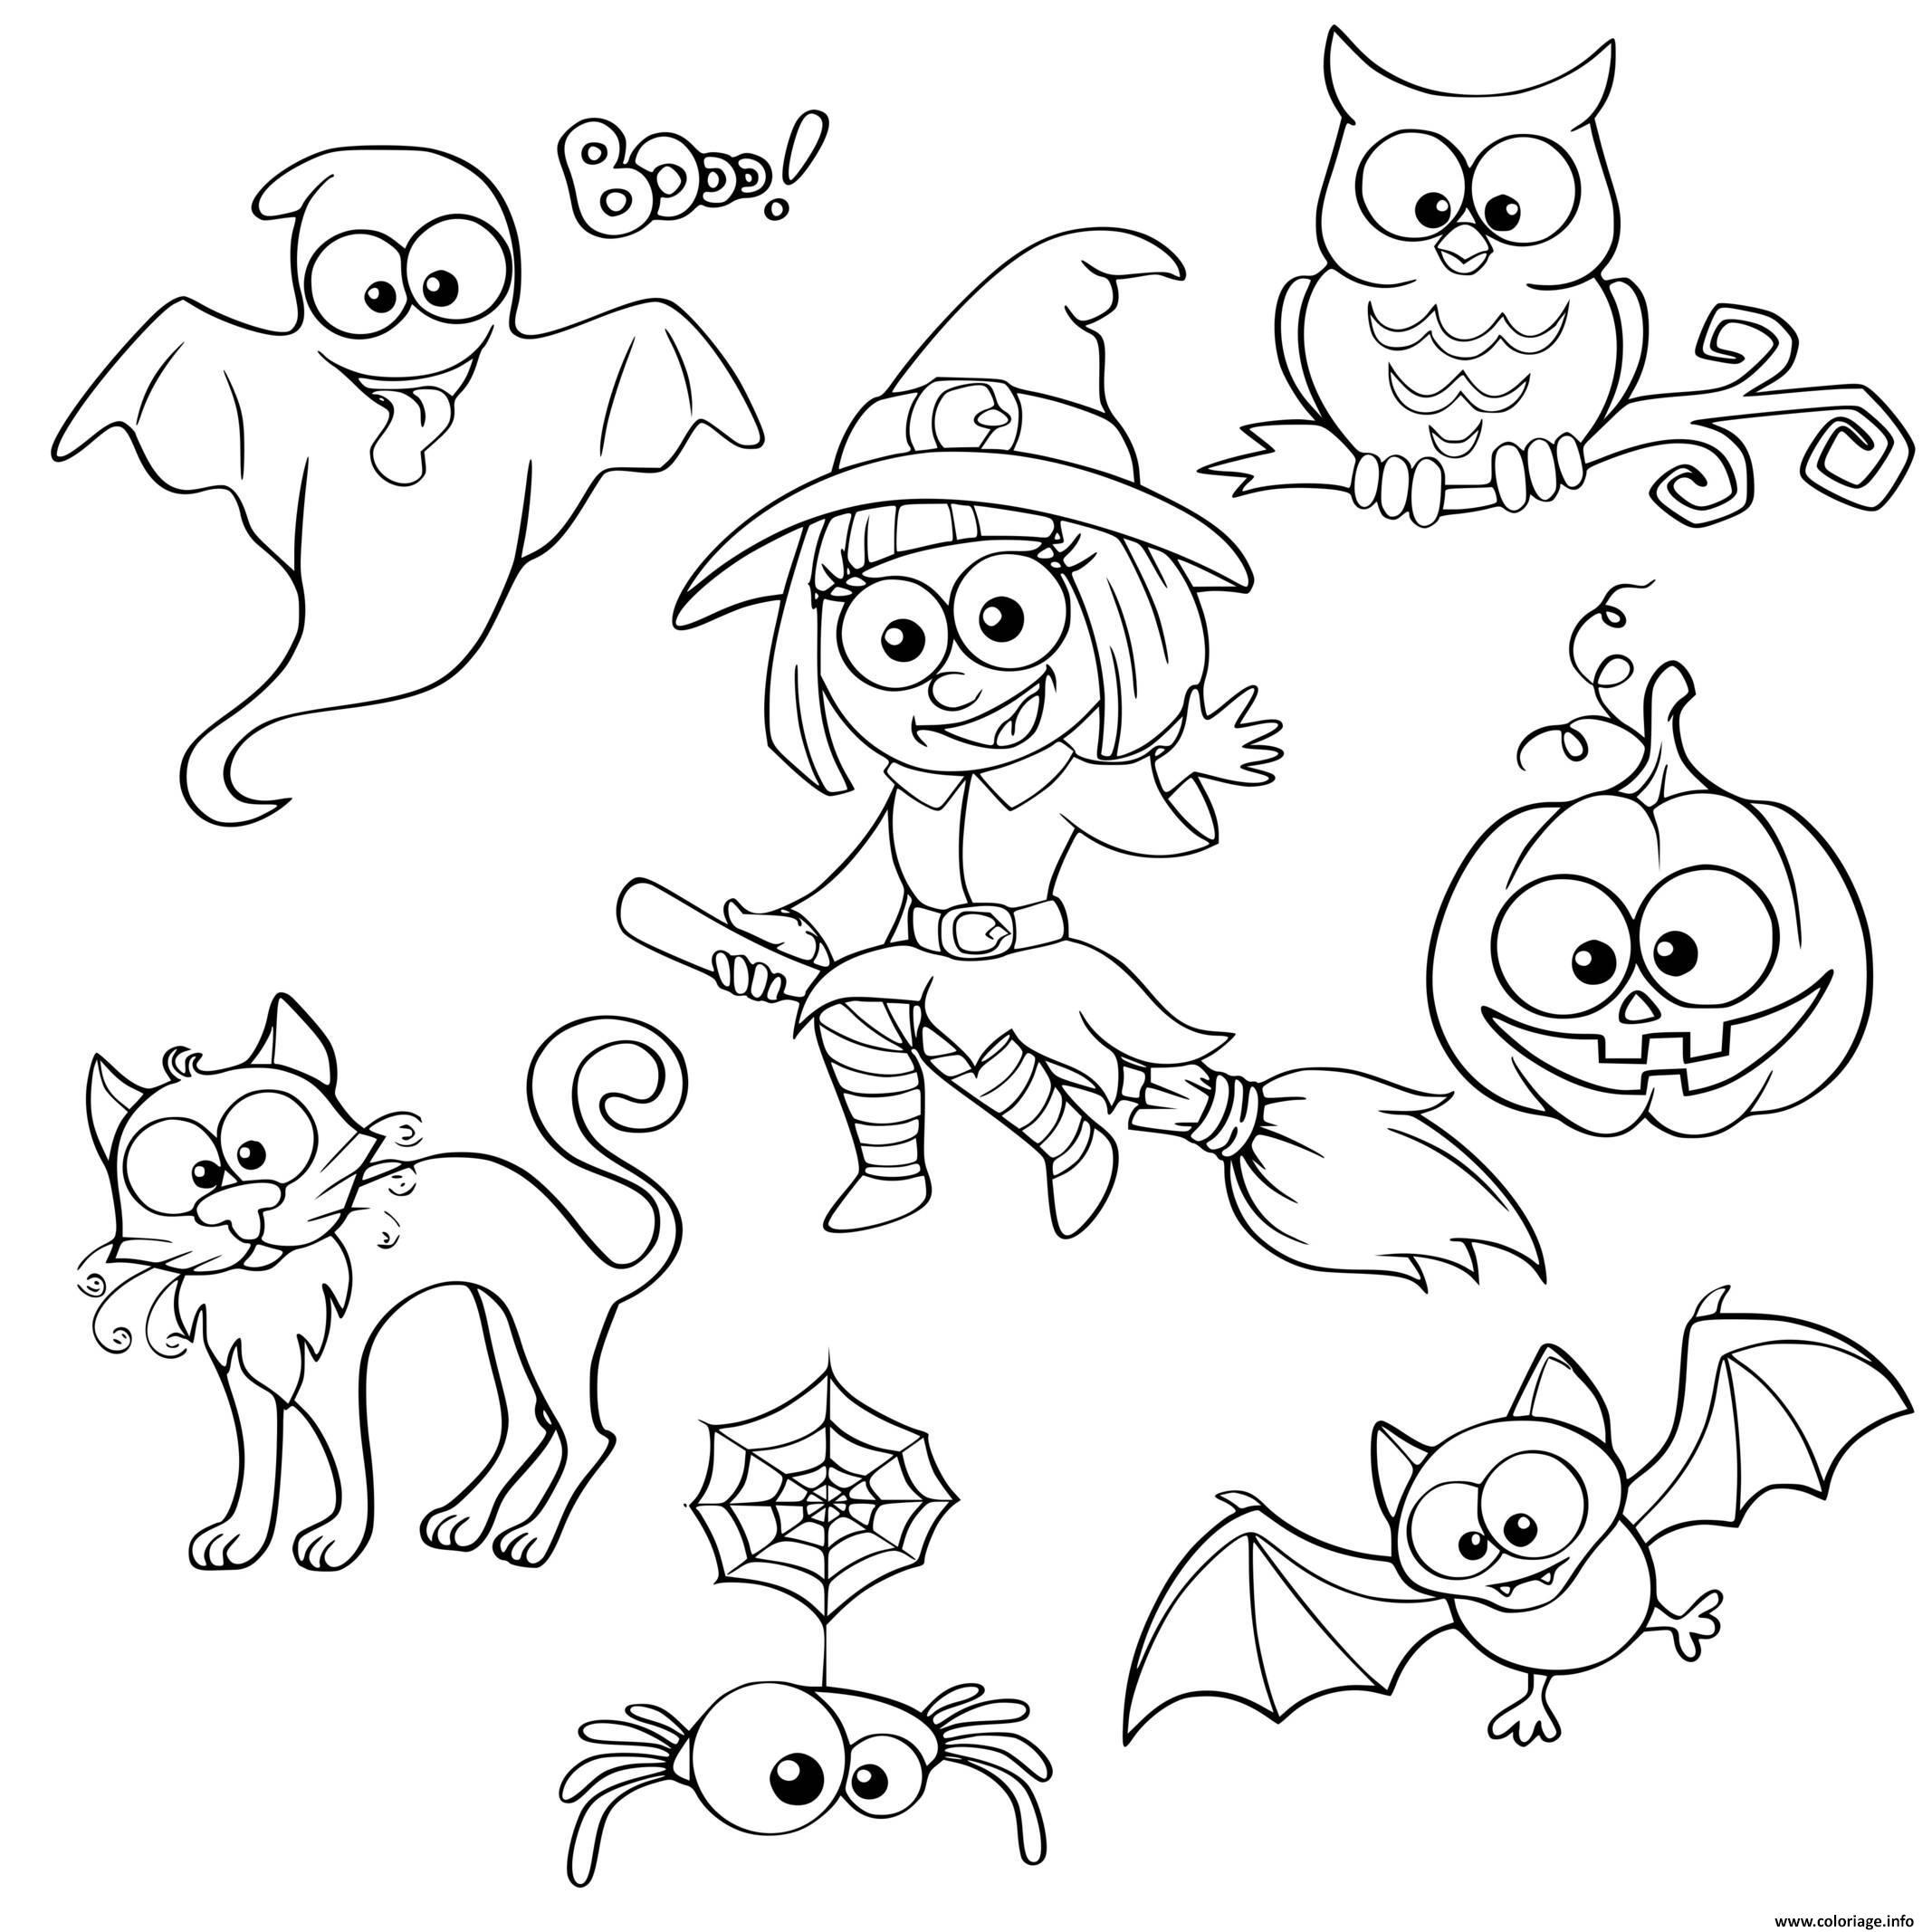 Dessin personnages halloween Coloriage Gratuit à Imprimer